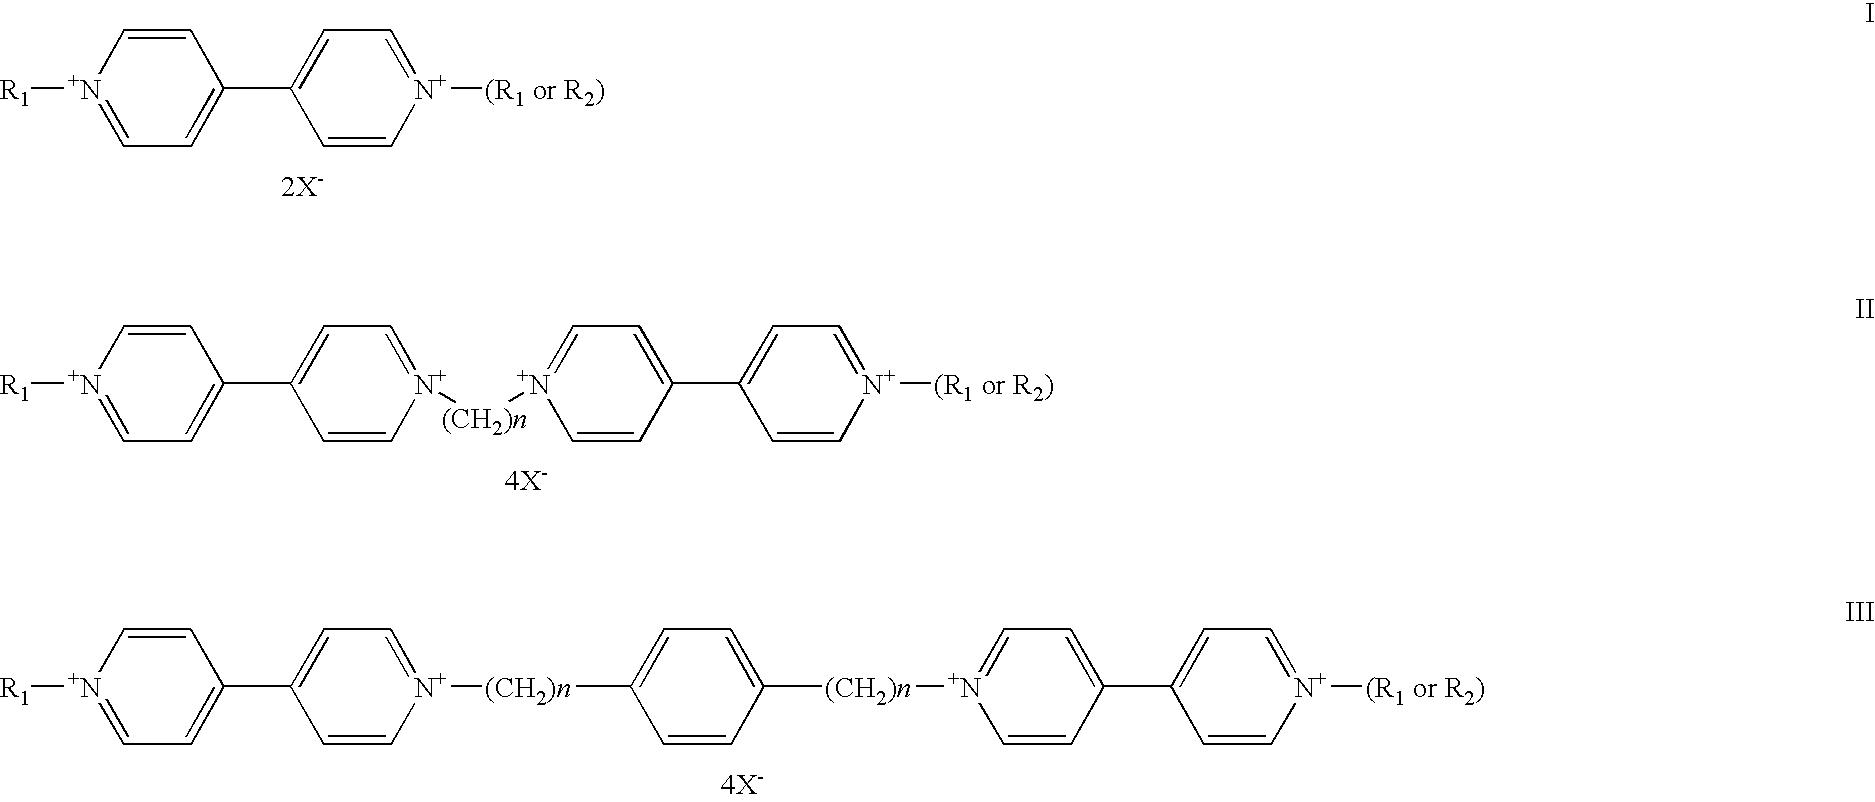 Figure US20050128562A1-20050616-C00003